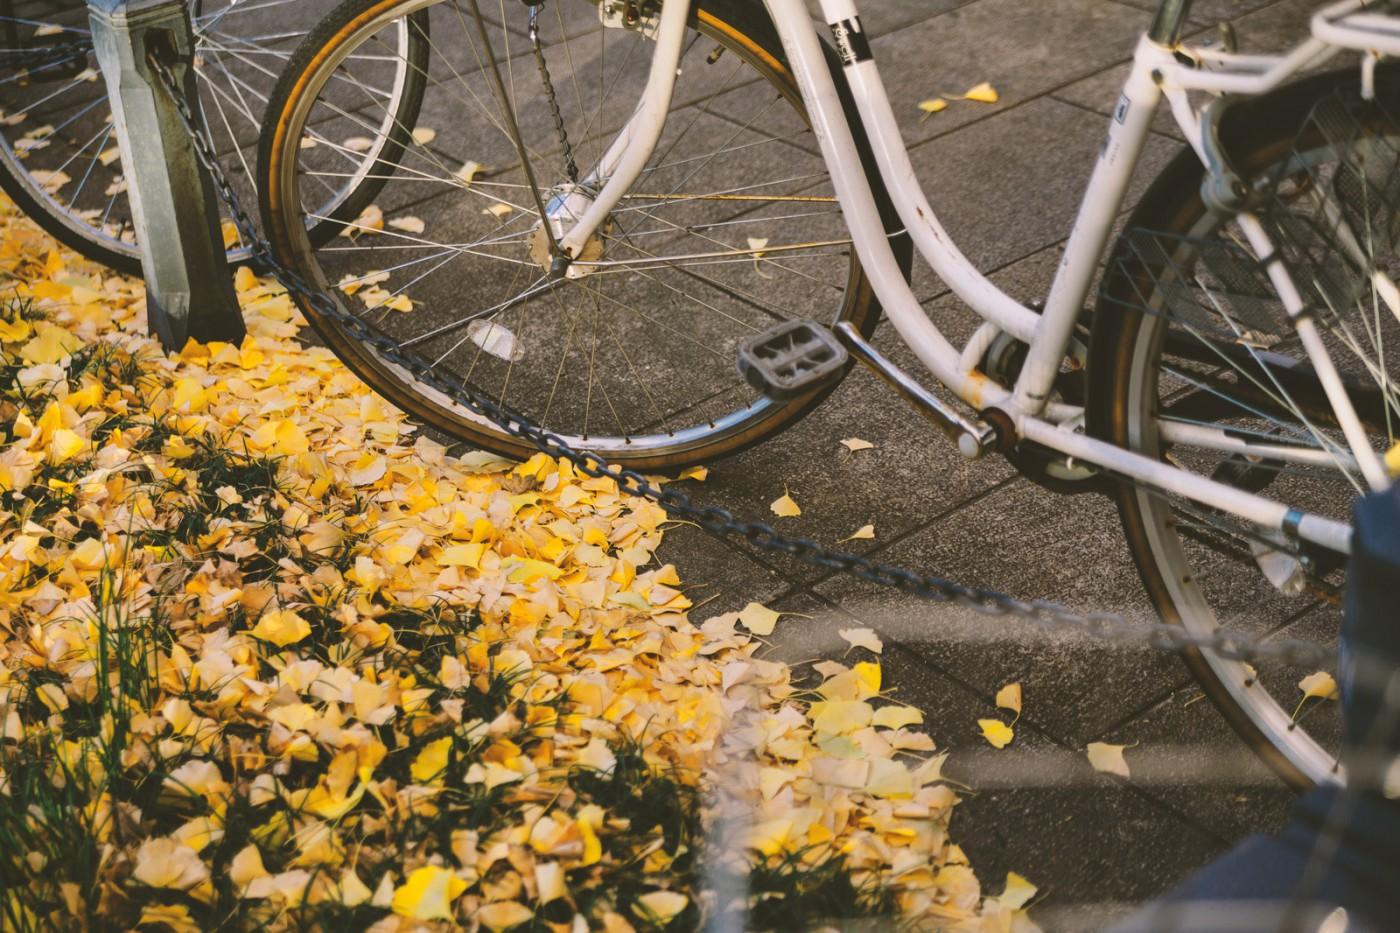 マンションの駐輪場問題でお悩みの方必見!分譲マンション自転車問題の解決方法